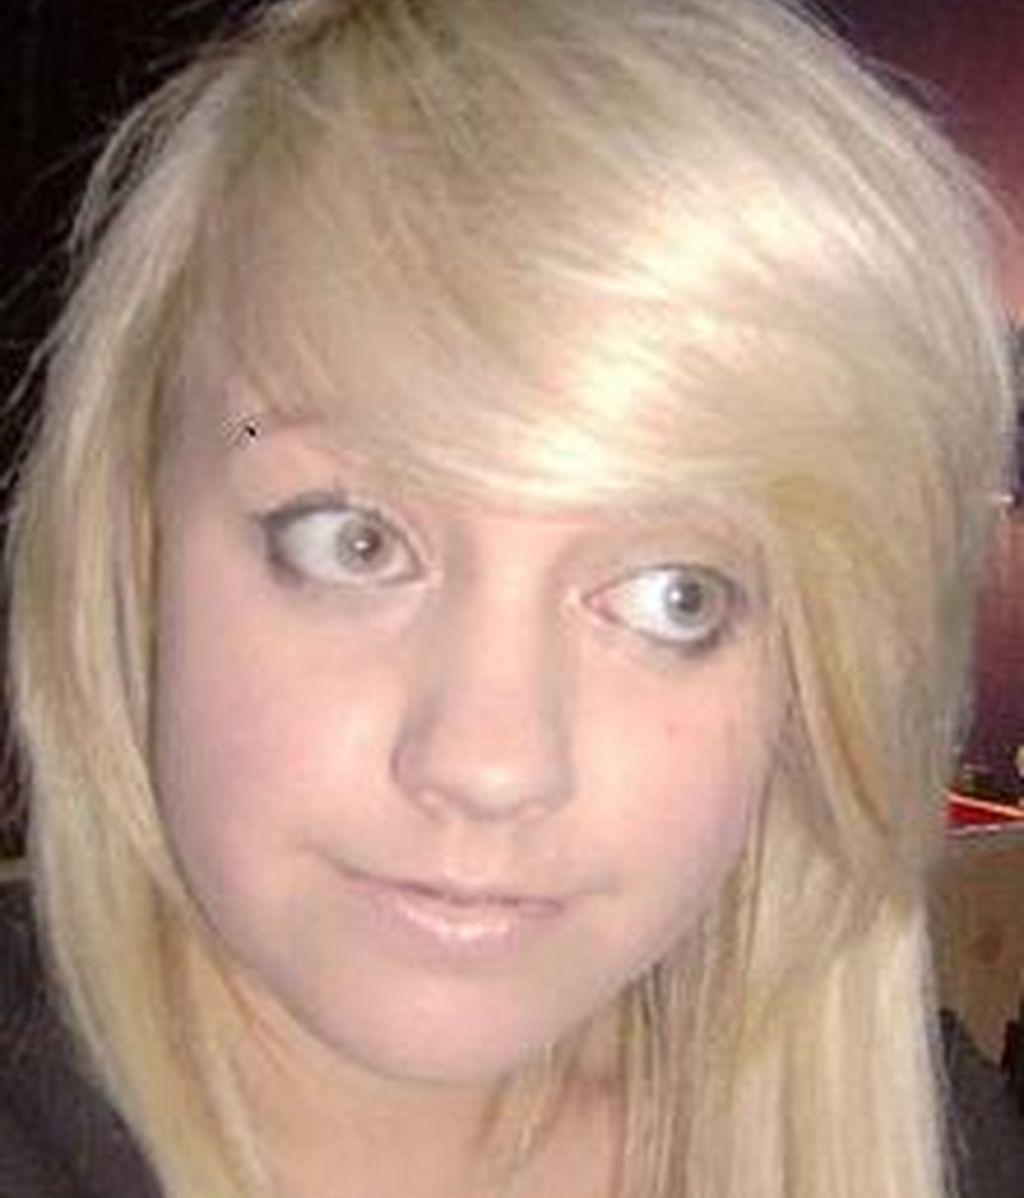 Sophie, la joven muerta en un pueblo de Escocia, acababa de cumplir 16 años. Foto The Sun